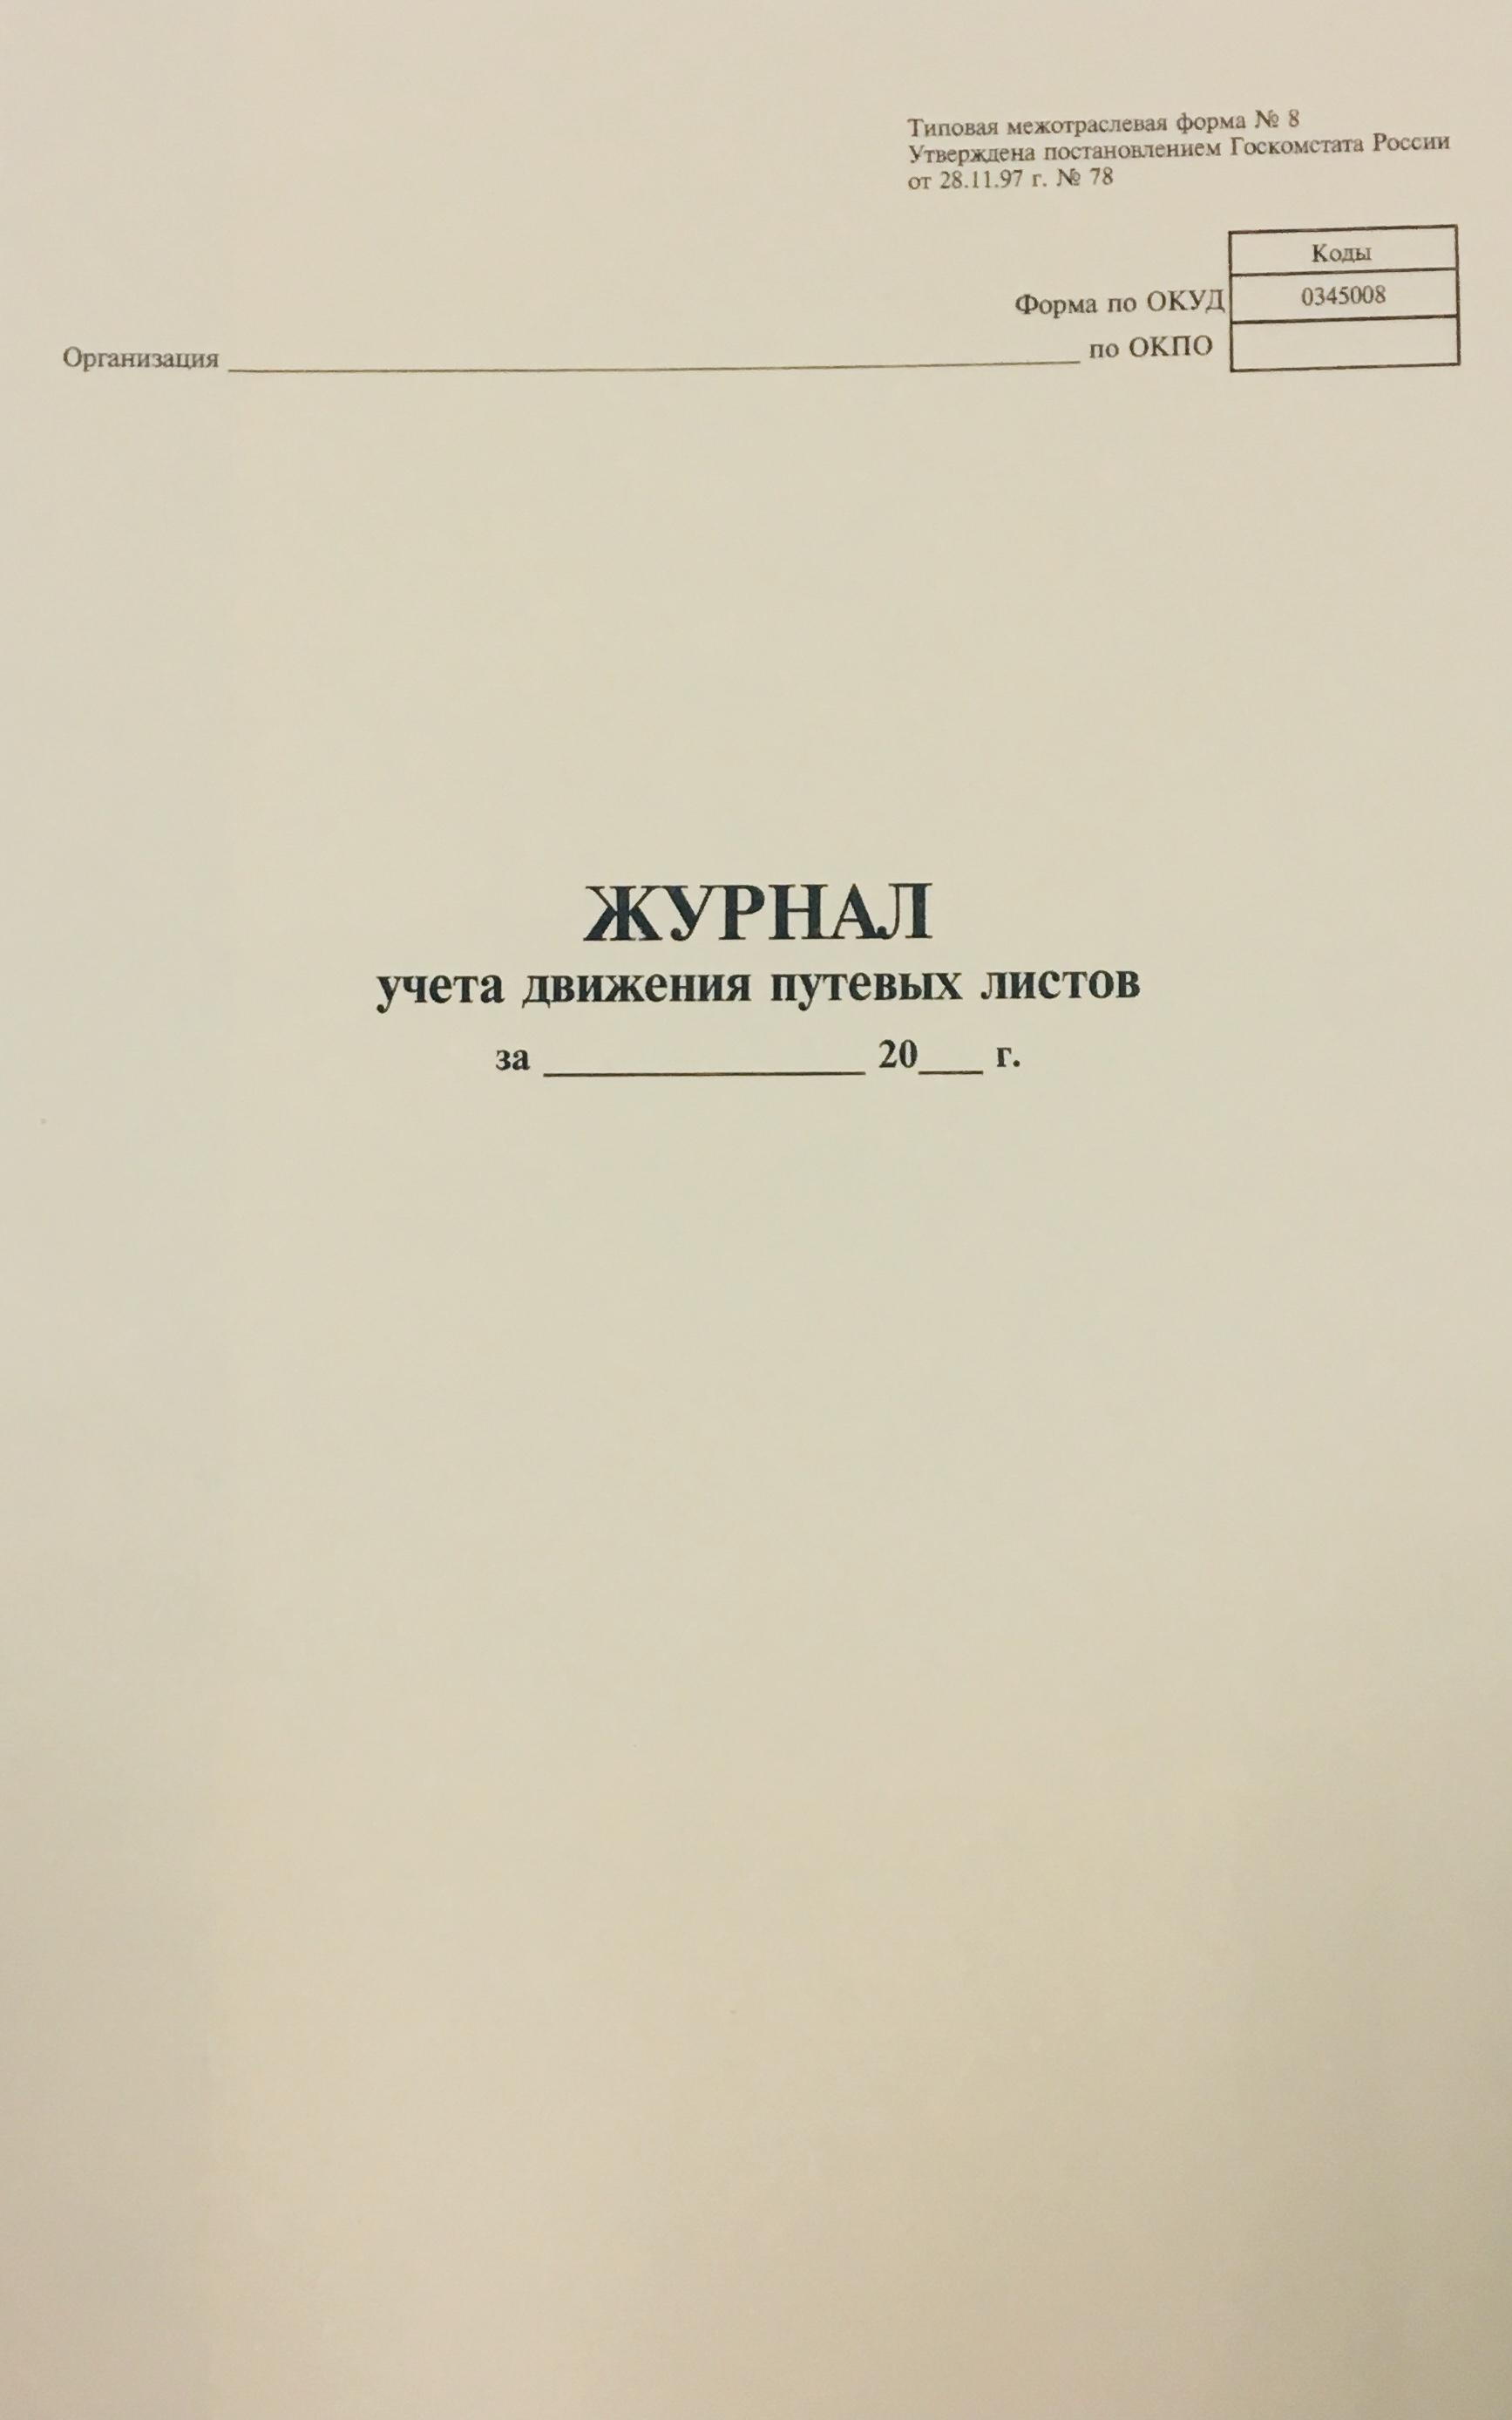 Журнал учета движения путевых листов форма №8